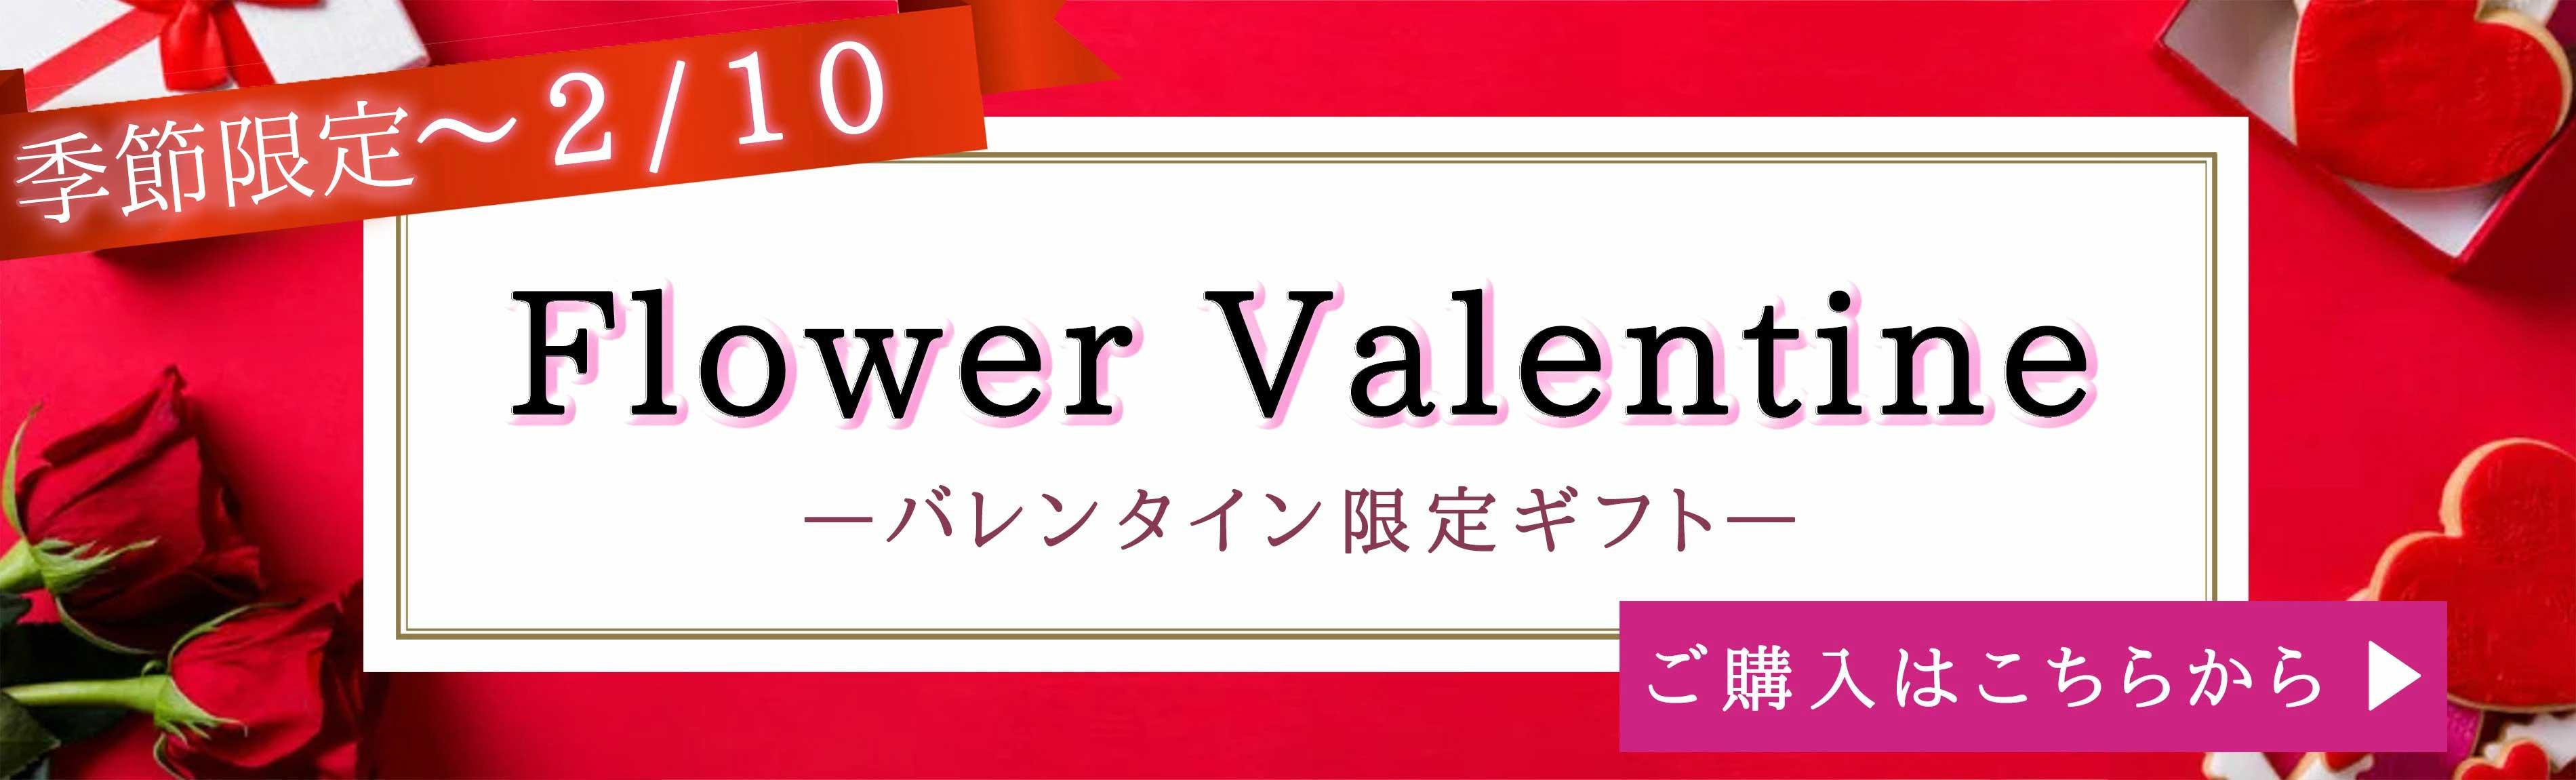 バレンタイン限定ギフト